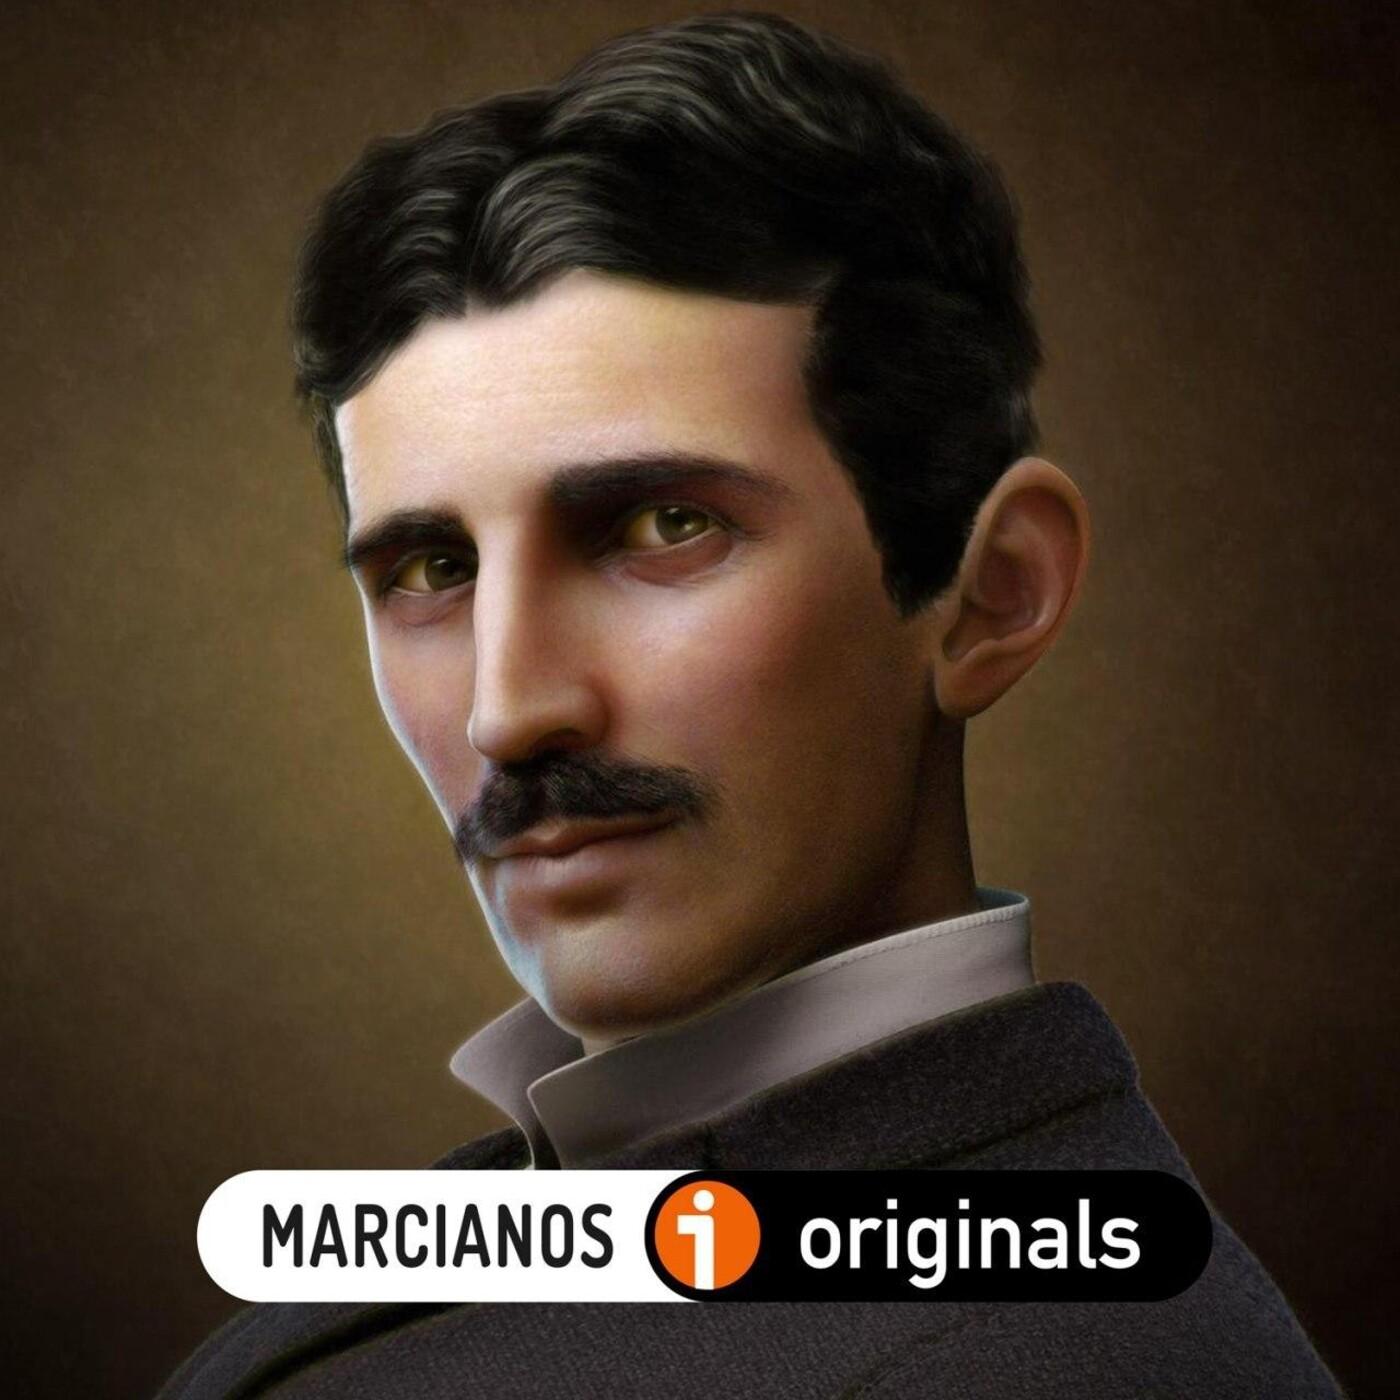 MARCIANOS 181: Tesla en el audiovisual. Cine, documentales y grandes inventos del genio maldito